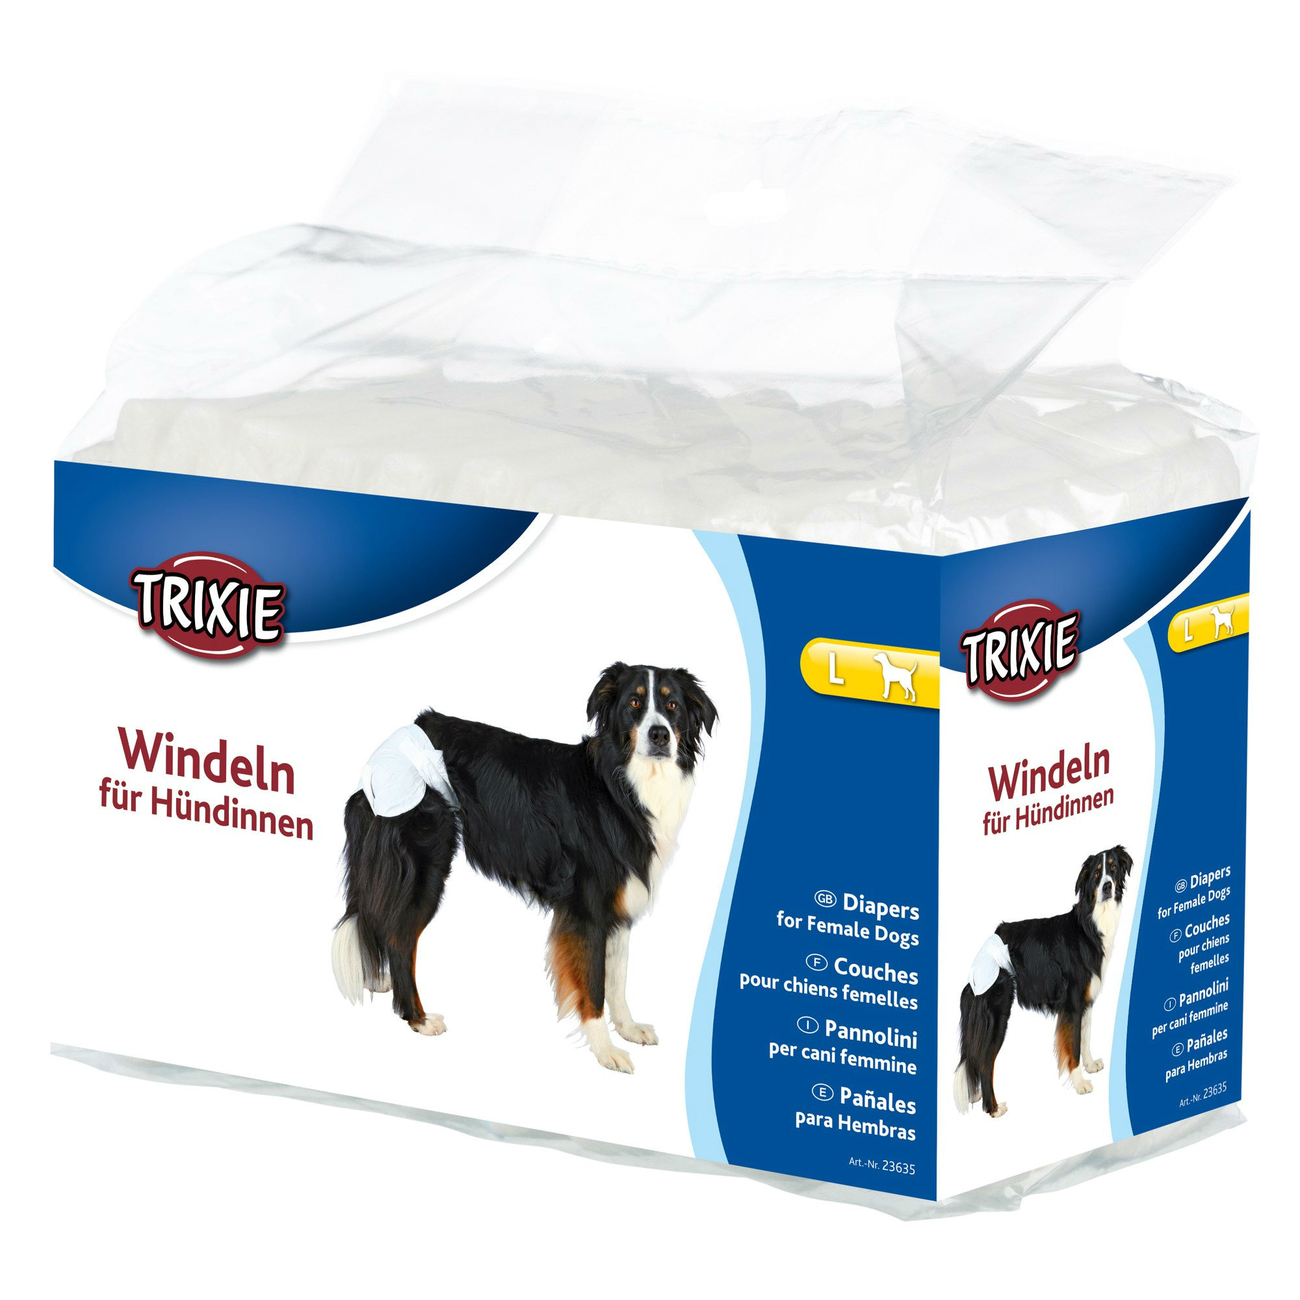 TRIXIE Hundewindeln für Hündinnen 23631, Bild 8